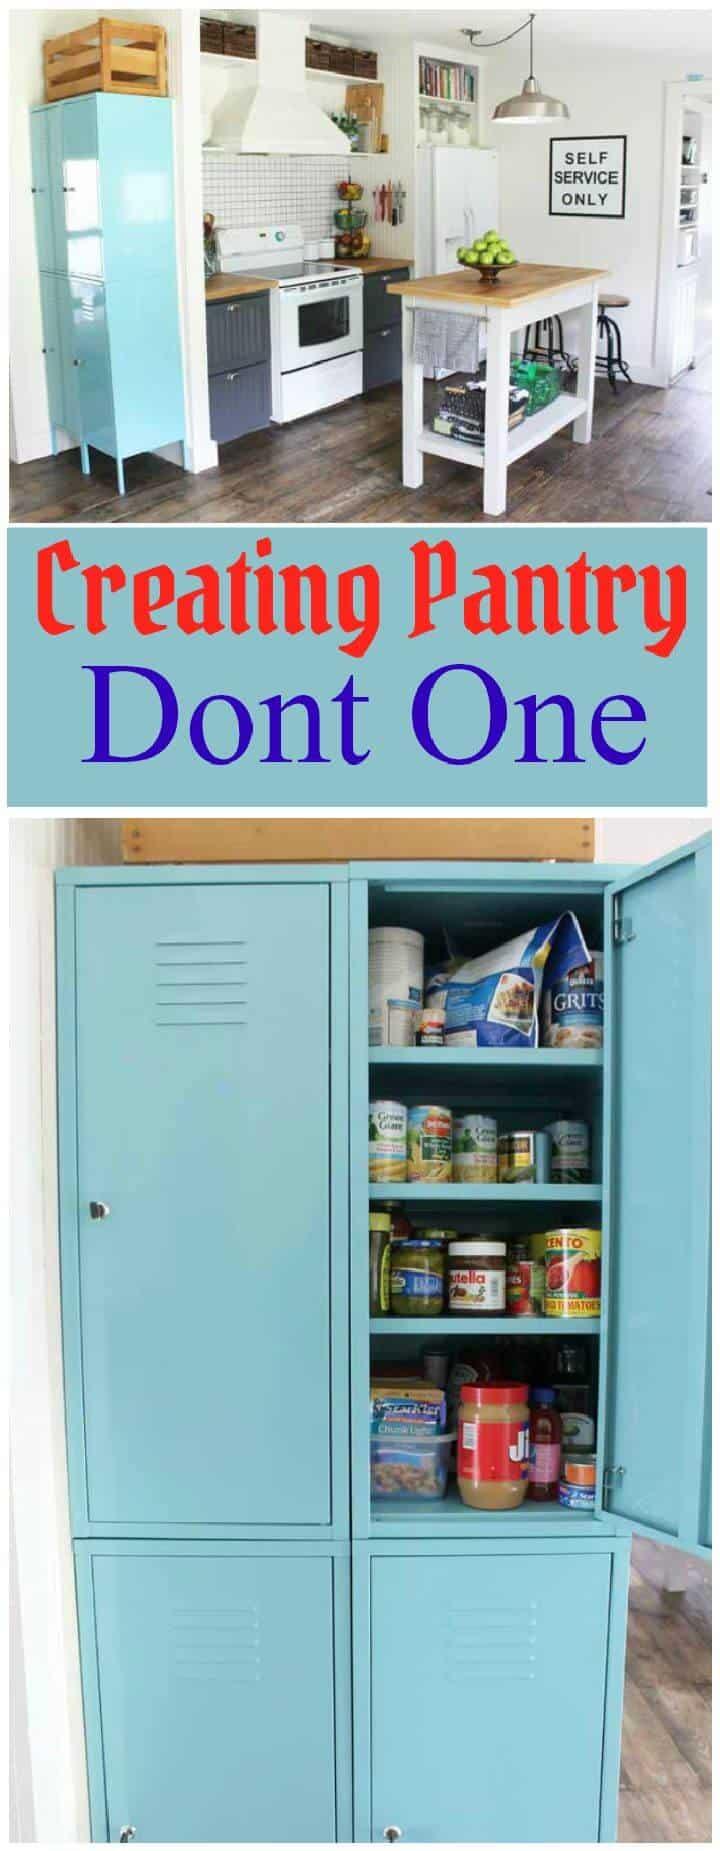 Creando Pantry Dont One